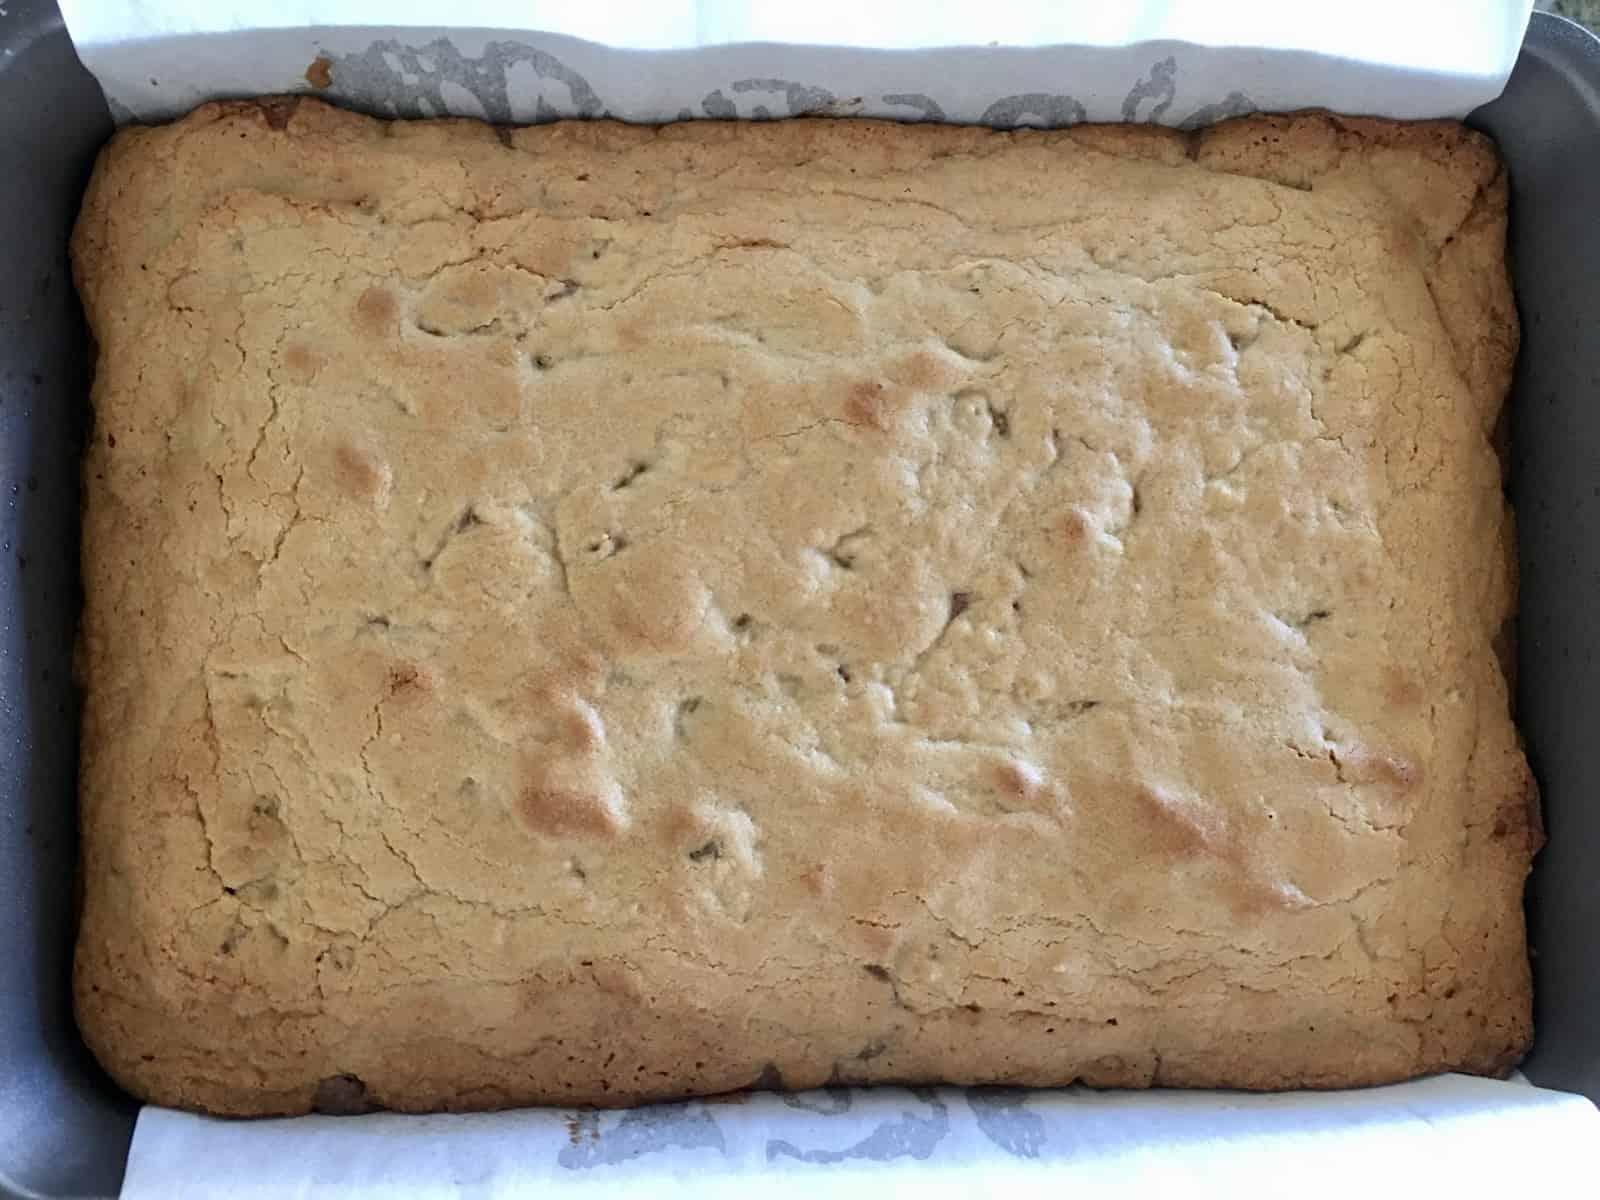 Baked Brownie Blondie Bars in the pan cooling.